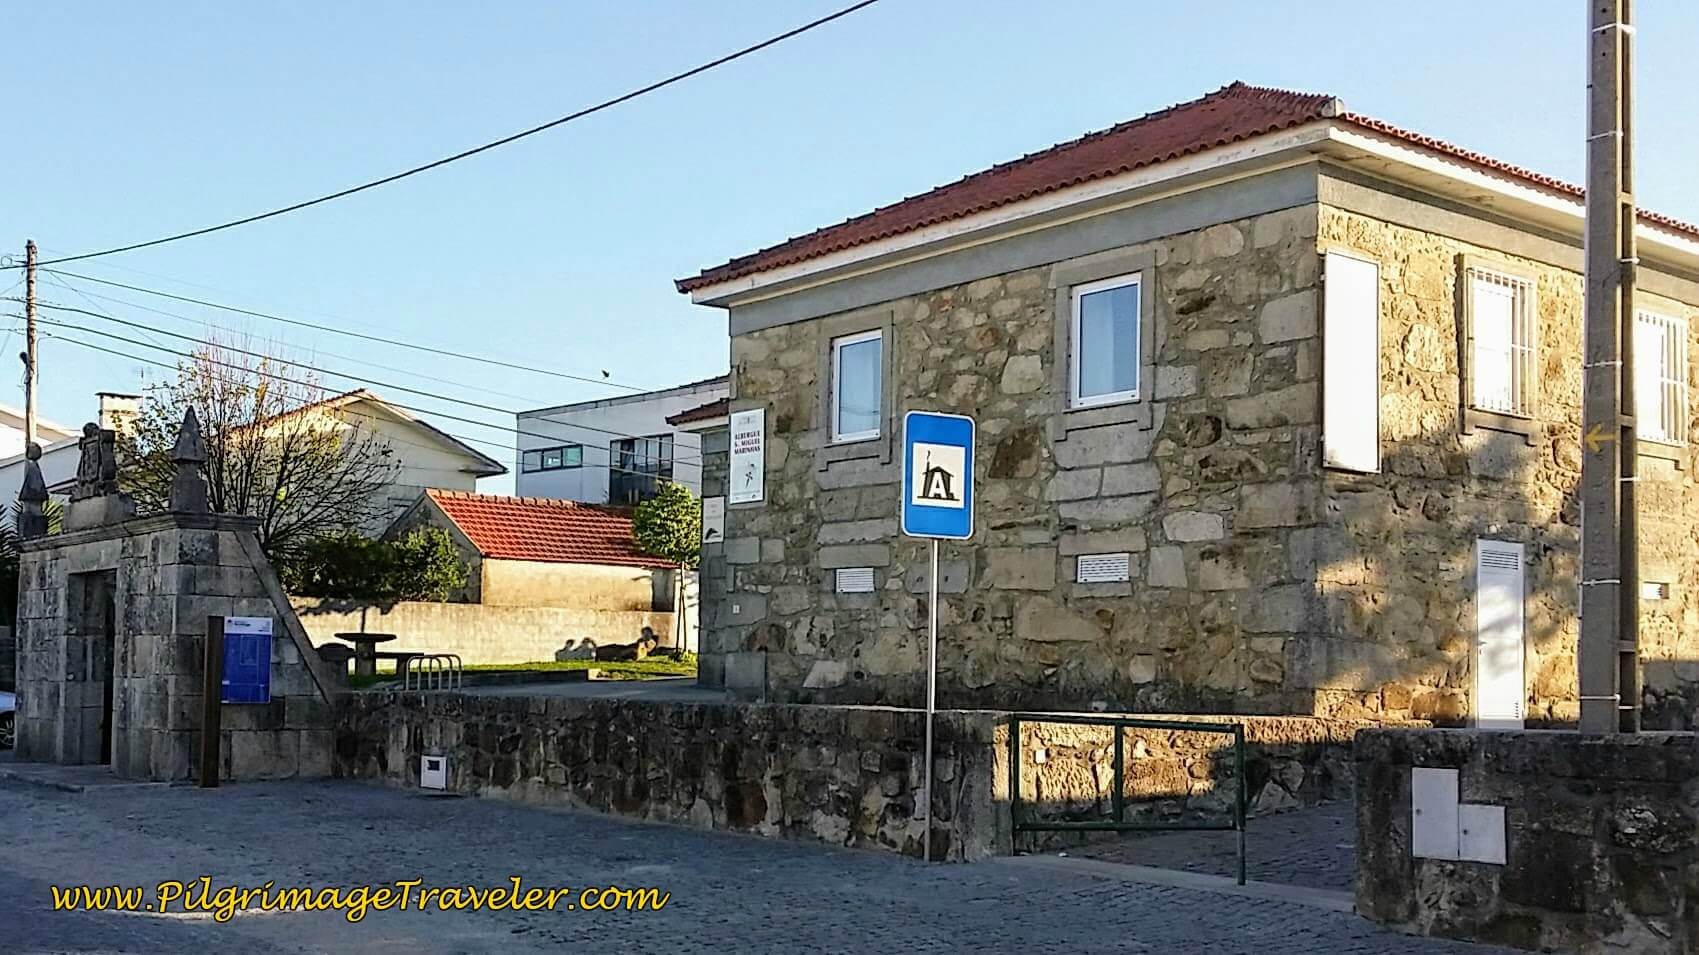 Albergue São Miguel in Marinhas on day seventeen of the Camino Portugués